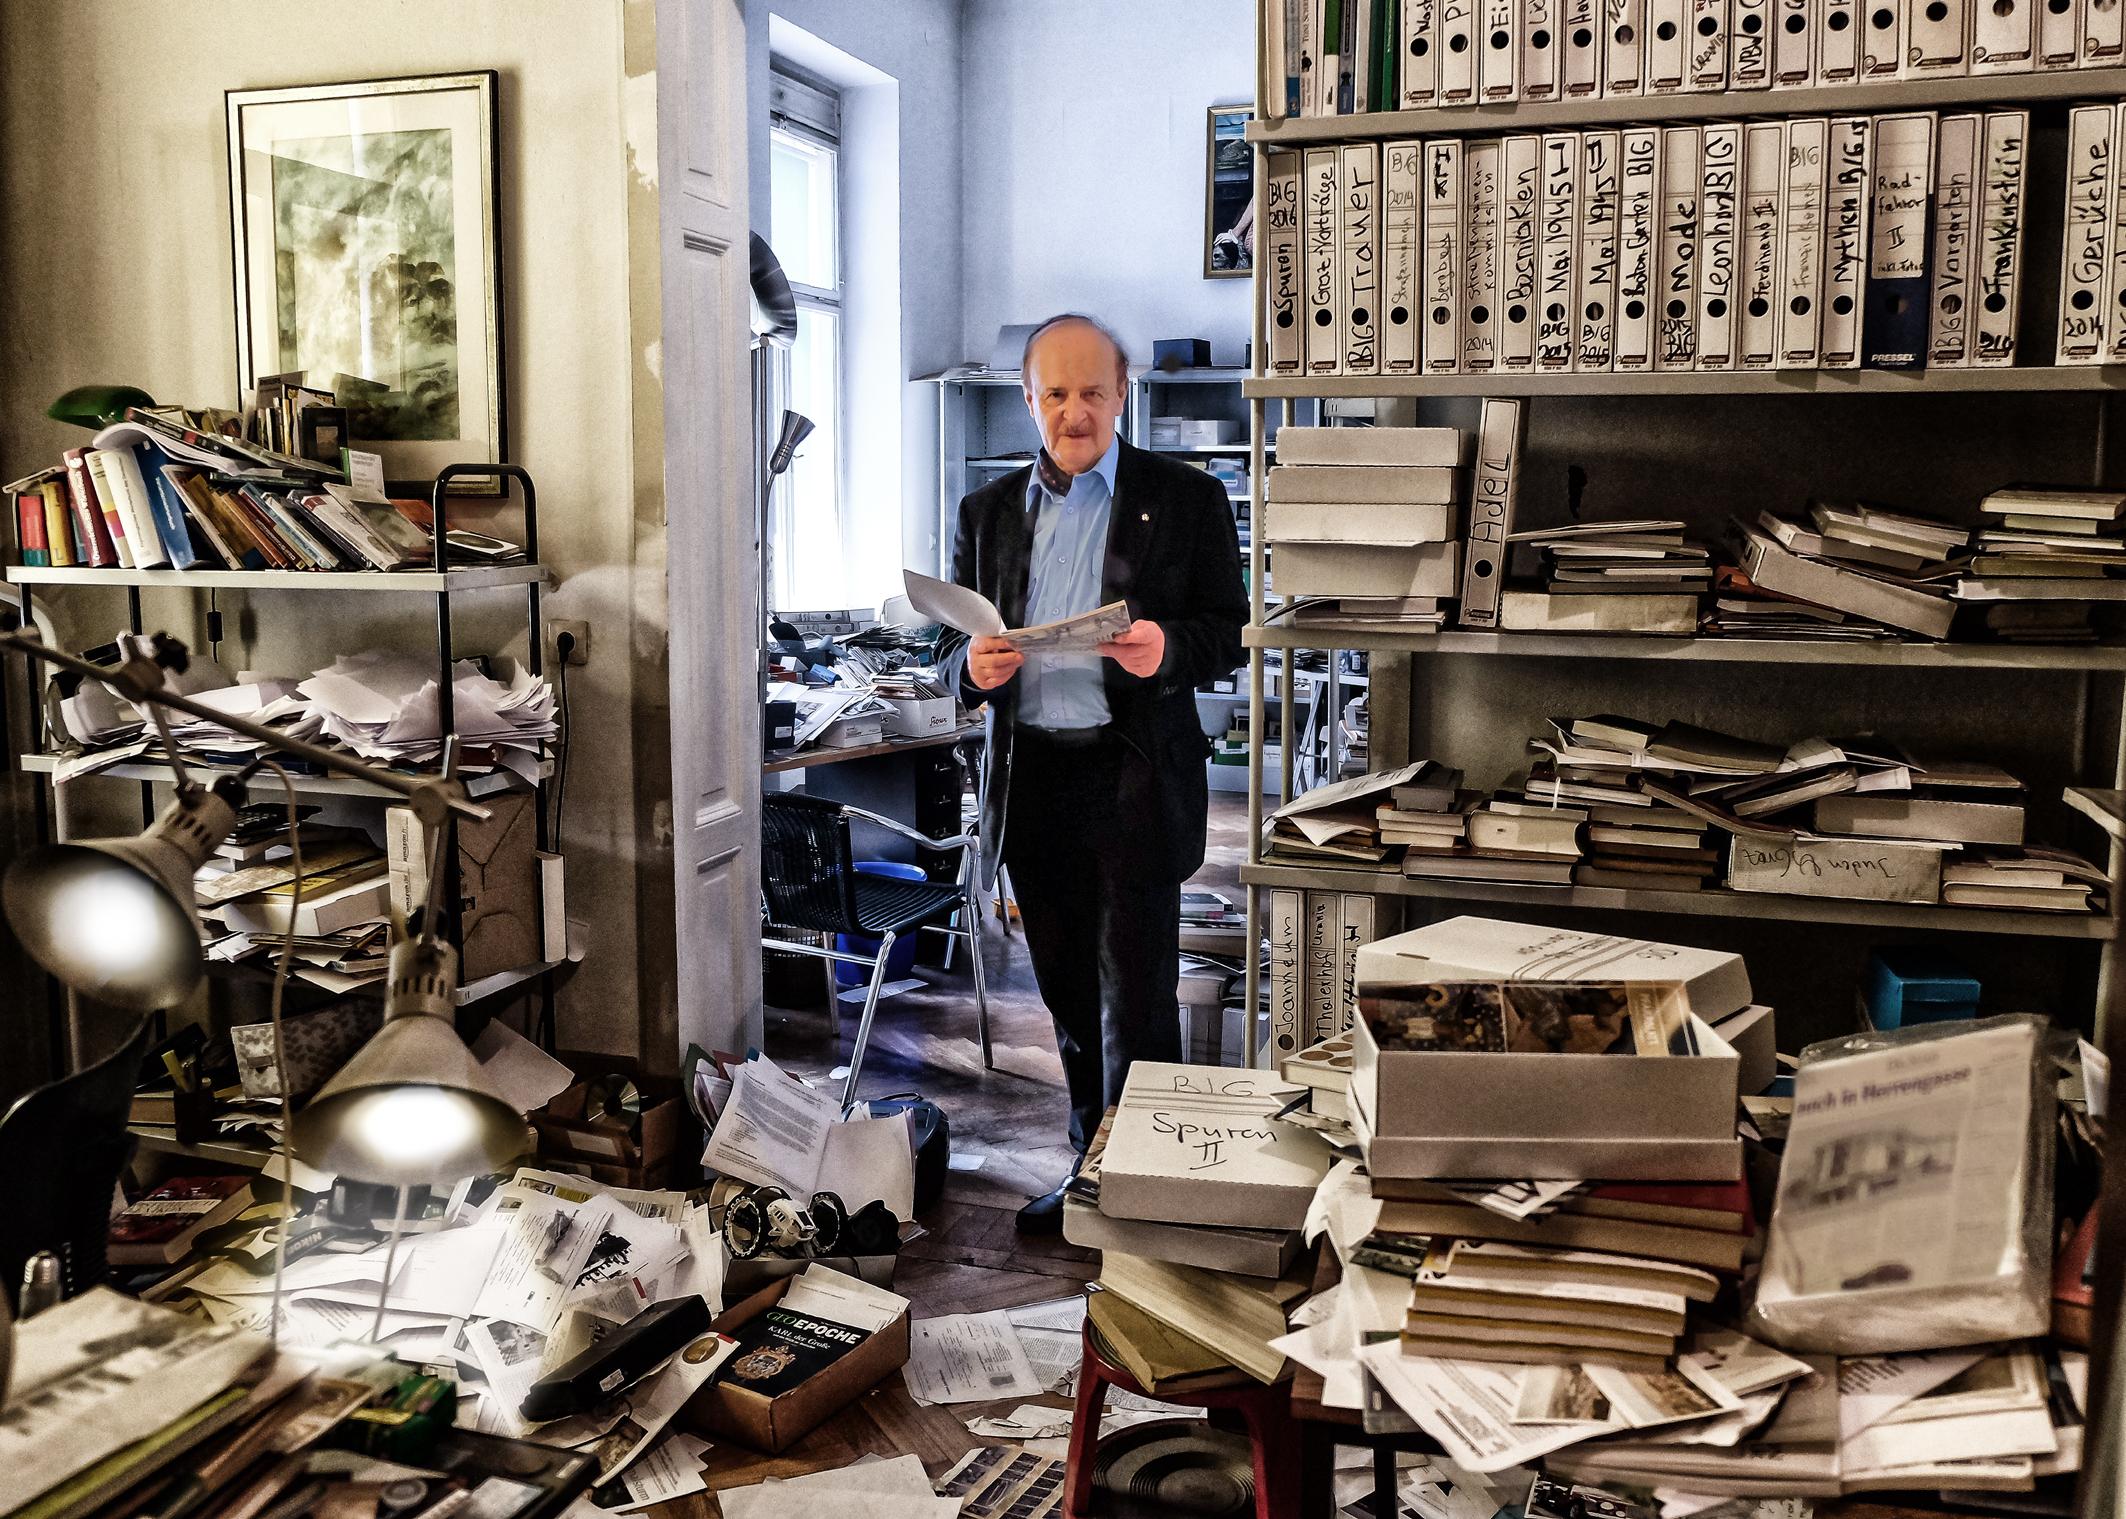 Der Professor Karl A. Kubinzky in seinem Kabinett der Verunordnung, Foto: Langhans Fürstenfeld